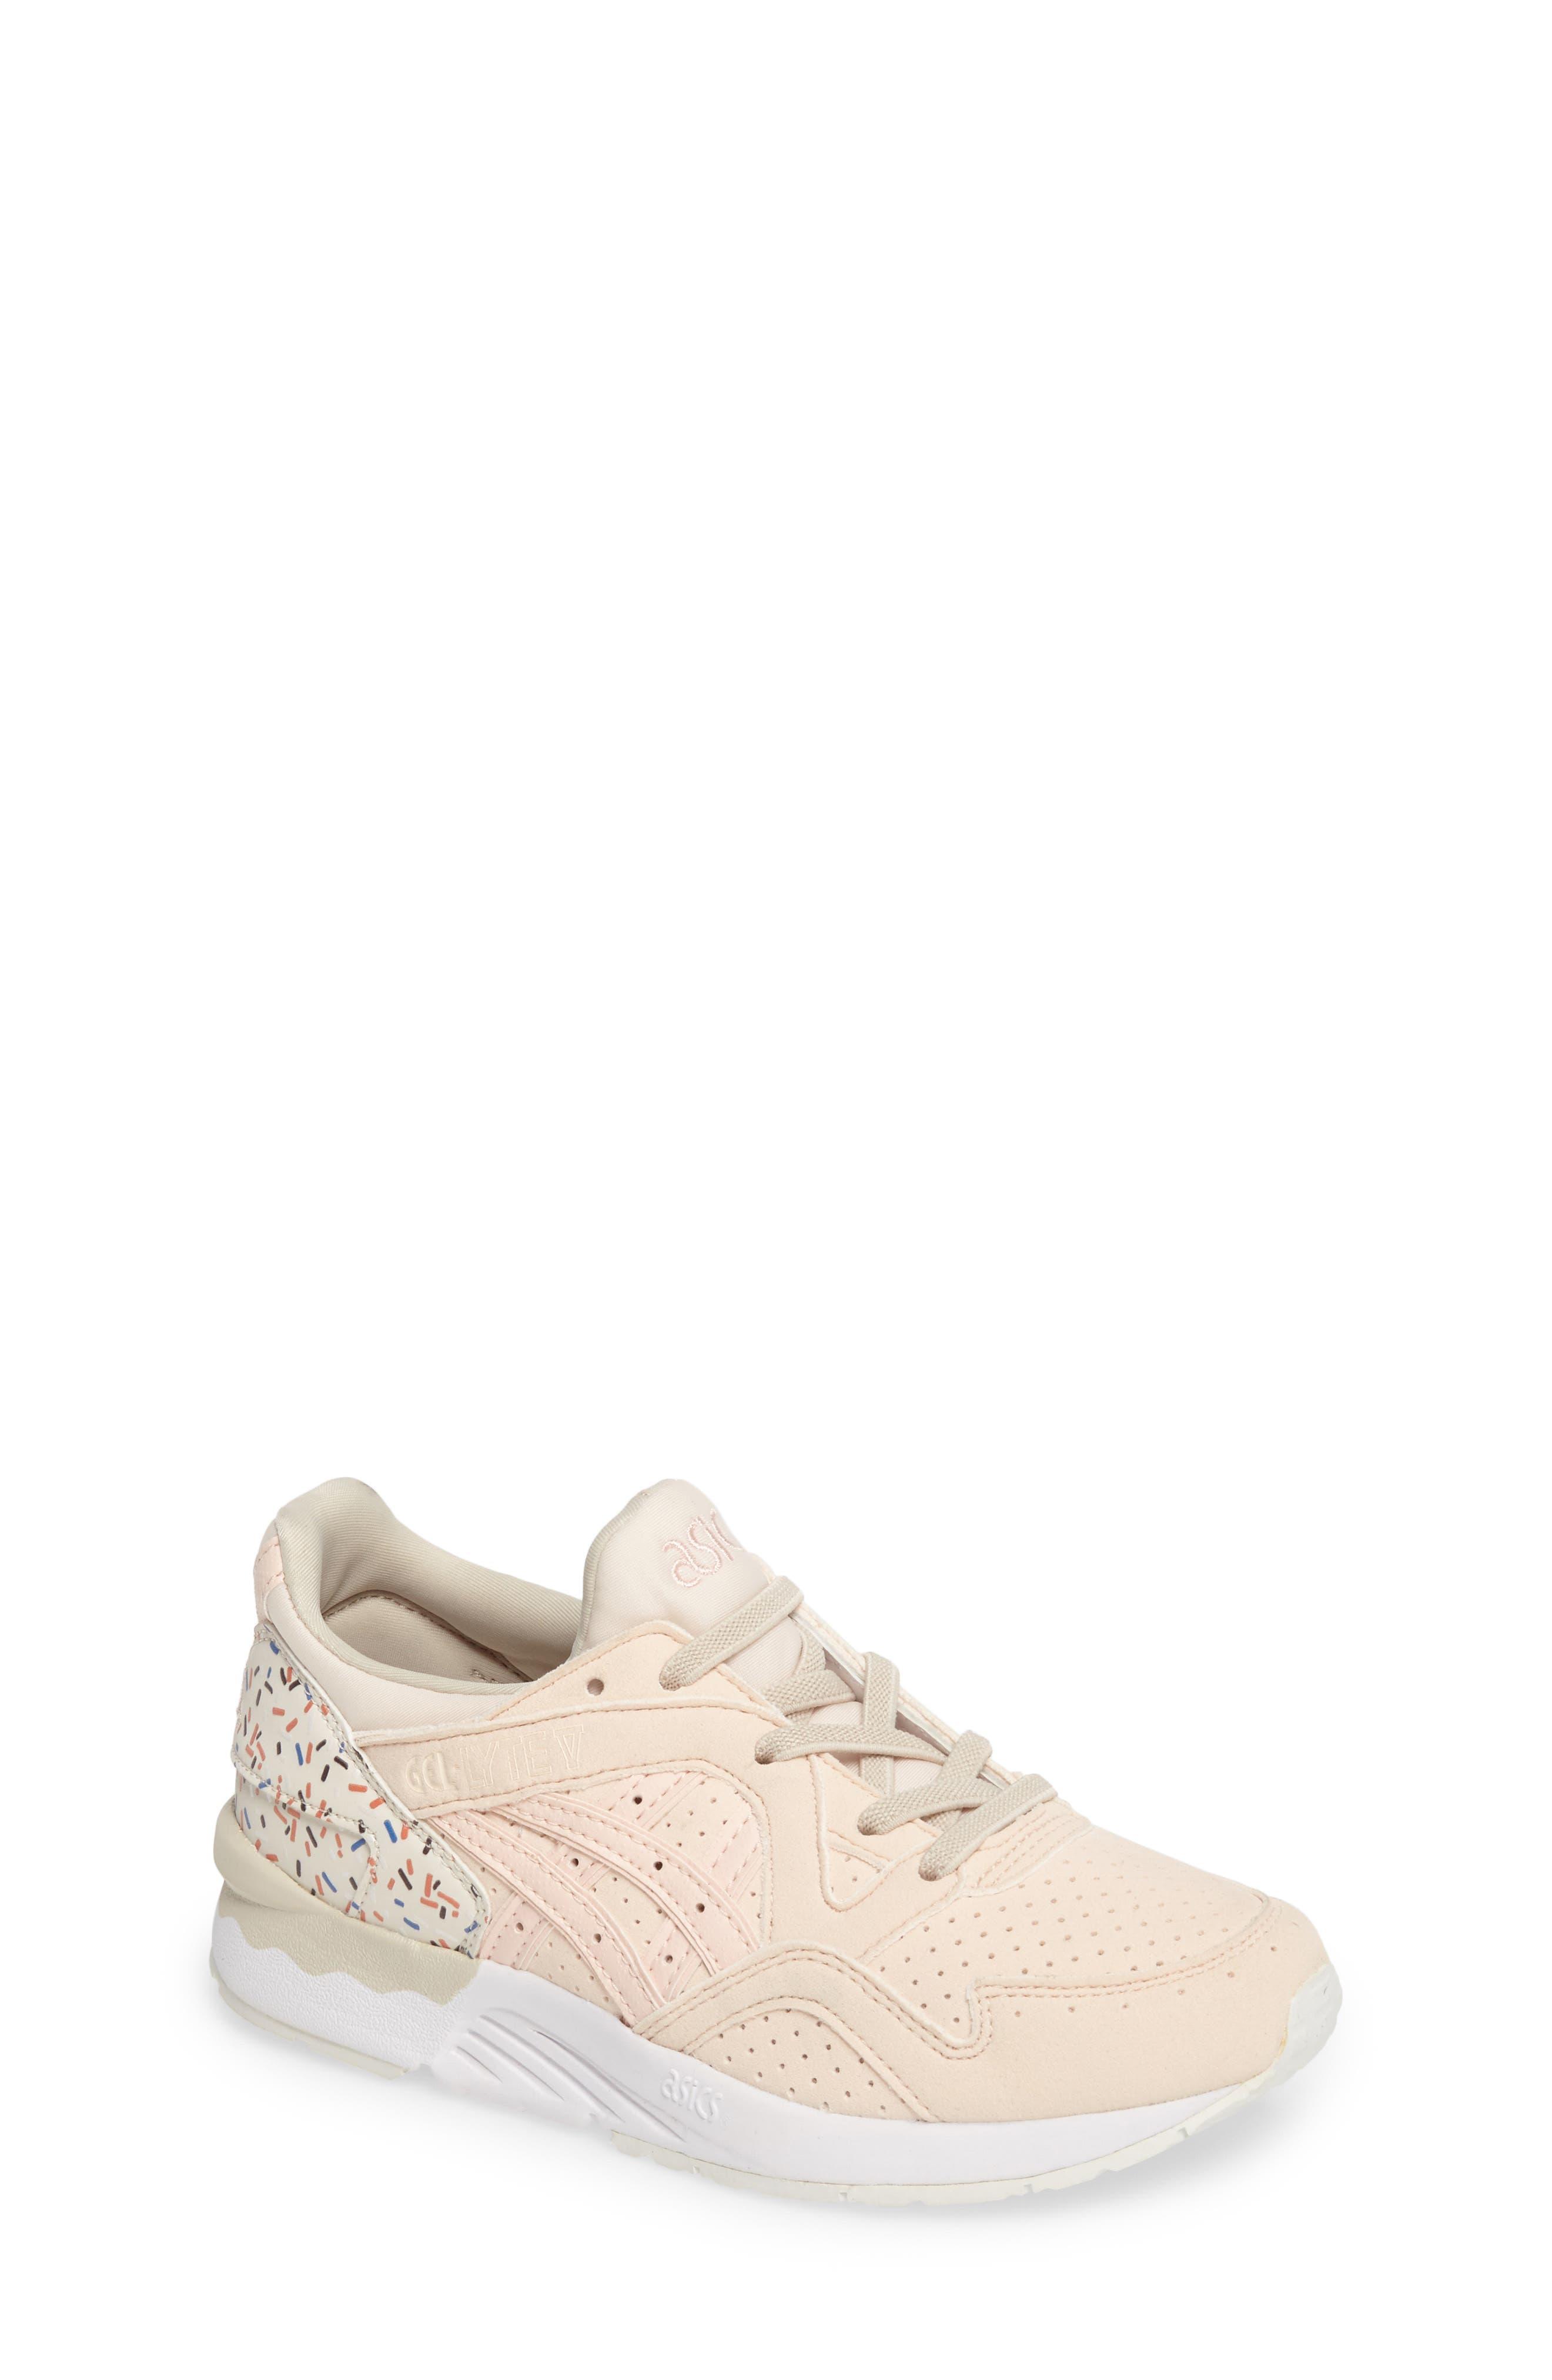 GEL-Lyte V Sneaker,                         Main,                         color, Vanilla Cream/ Vanilla Cream